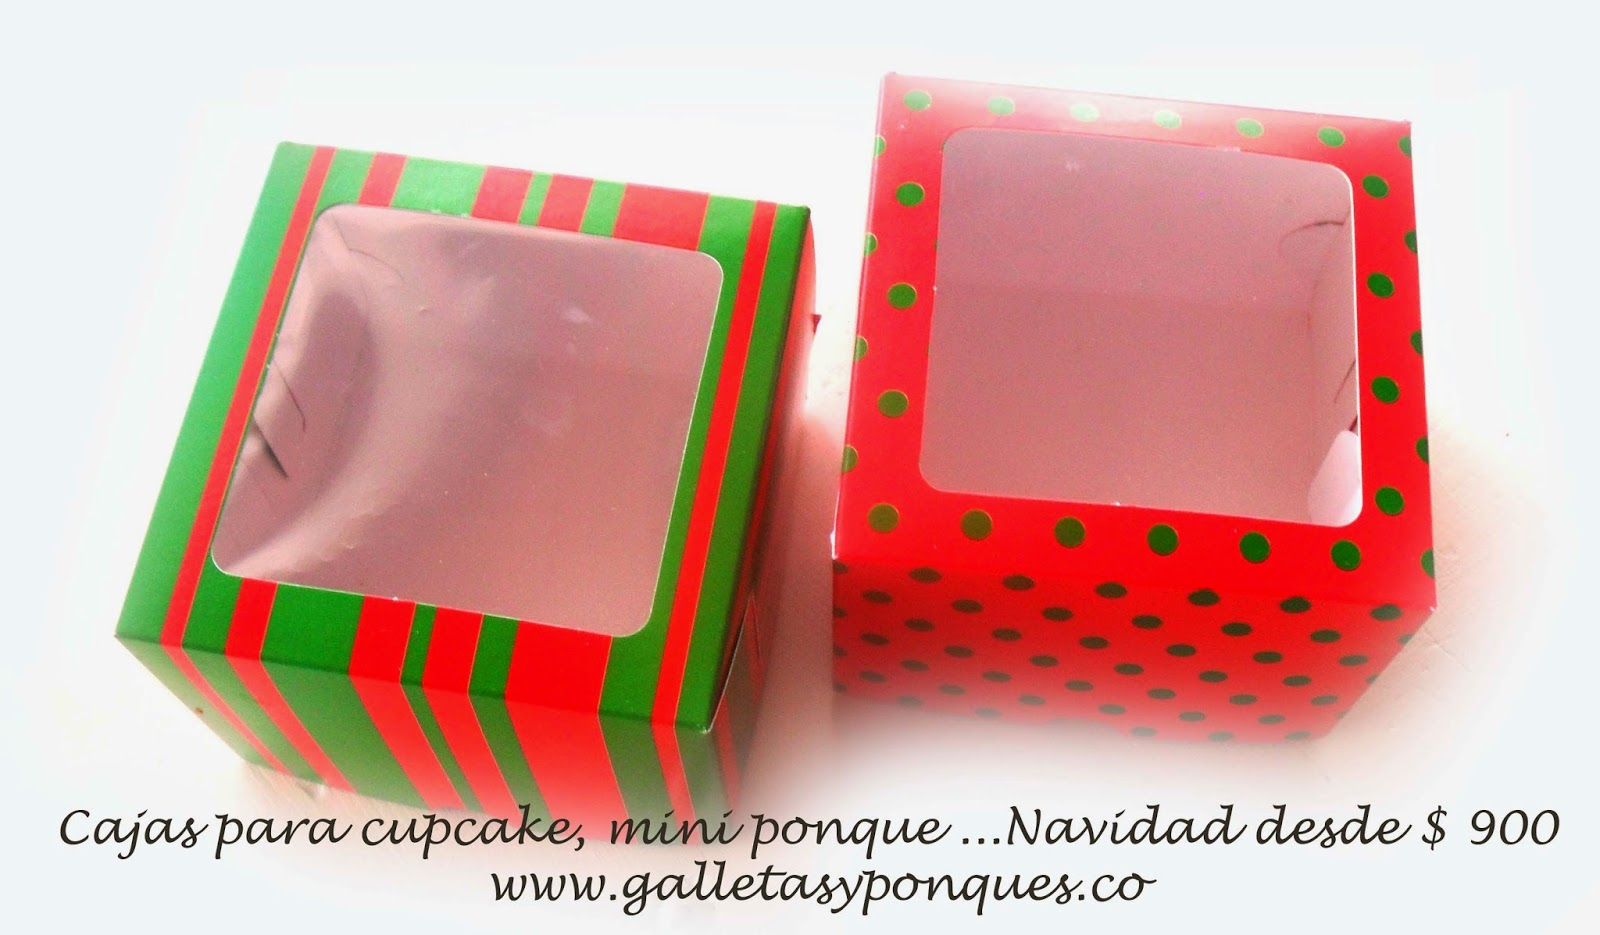 Todo para decoracion en galletas y ponques - Cajas con motivos navidenos ...